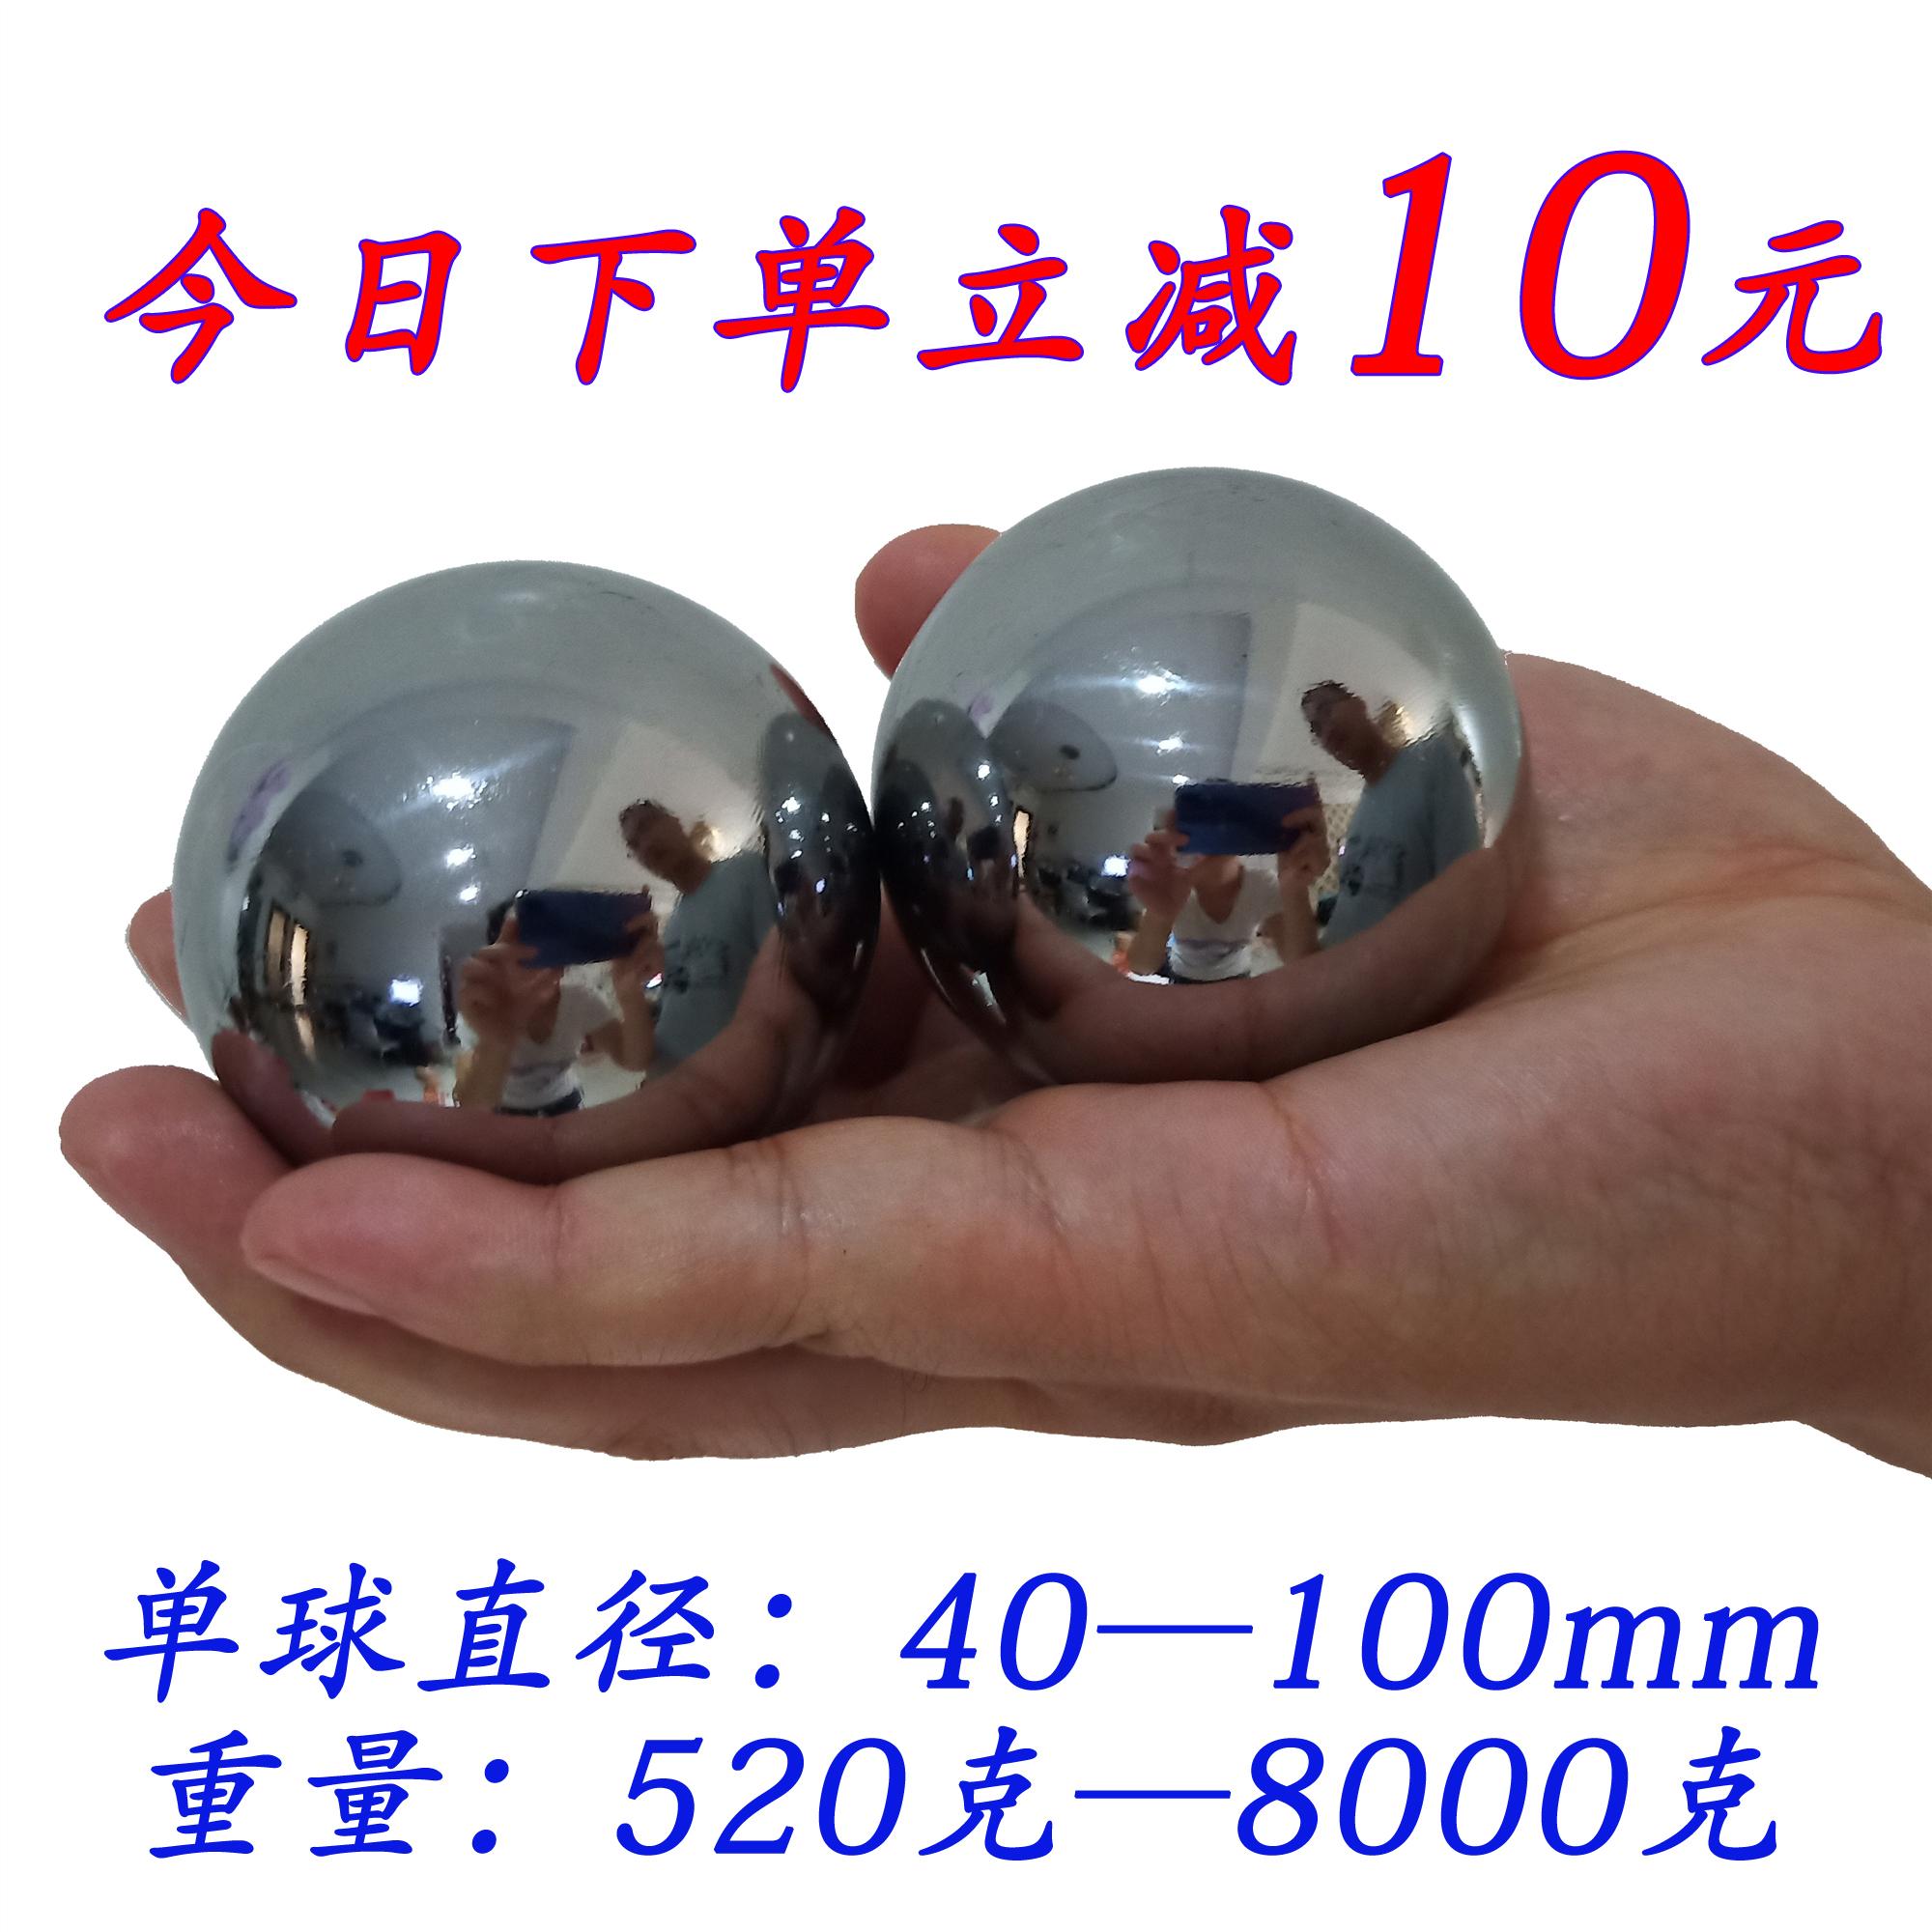 保定の鉄のボールのフィットネスボールは秋の固体の鋼のボールの中で老年の保健のボールの選手を収めてボールを回転します。